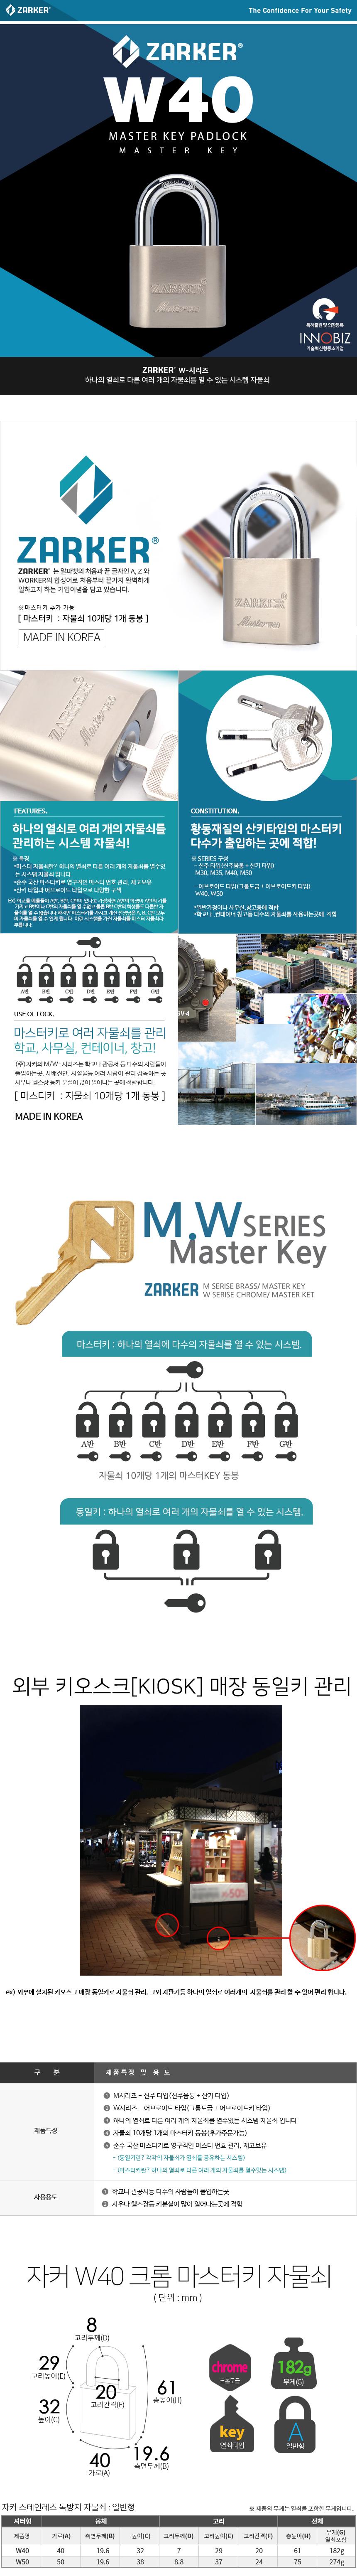 자커 크롬 마스터키 자물쇠 W40 - 자커, 8,400원, 보호용품, 자물쇠